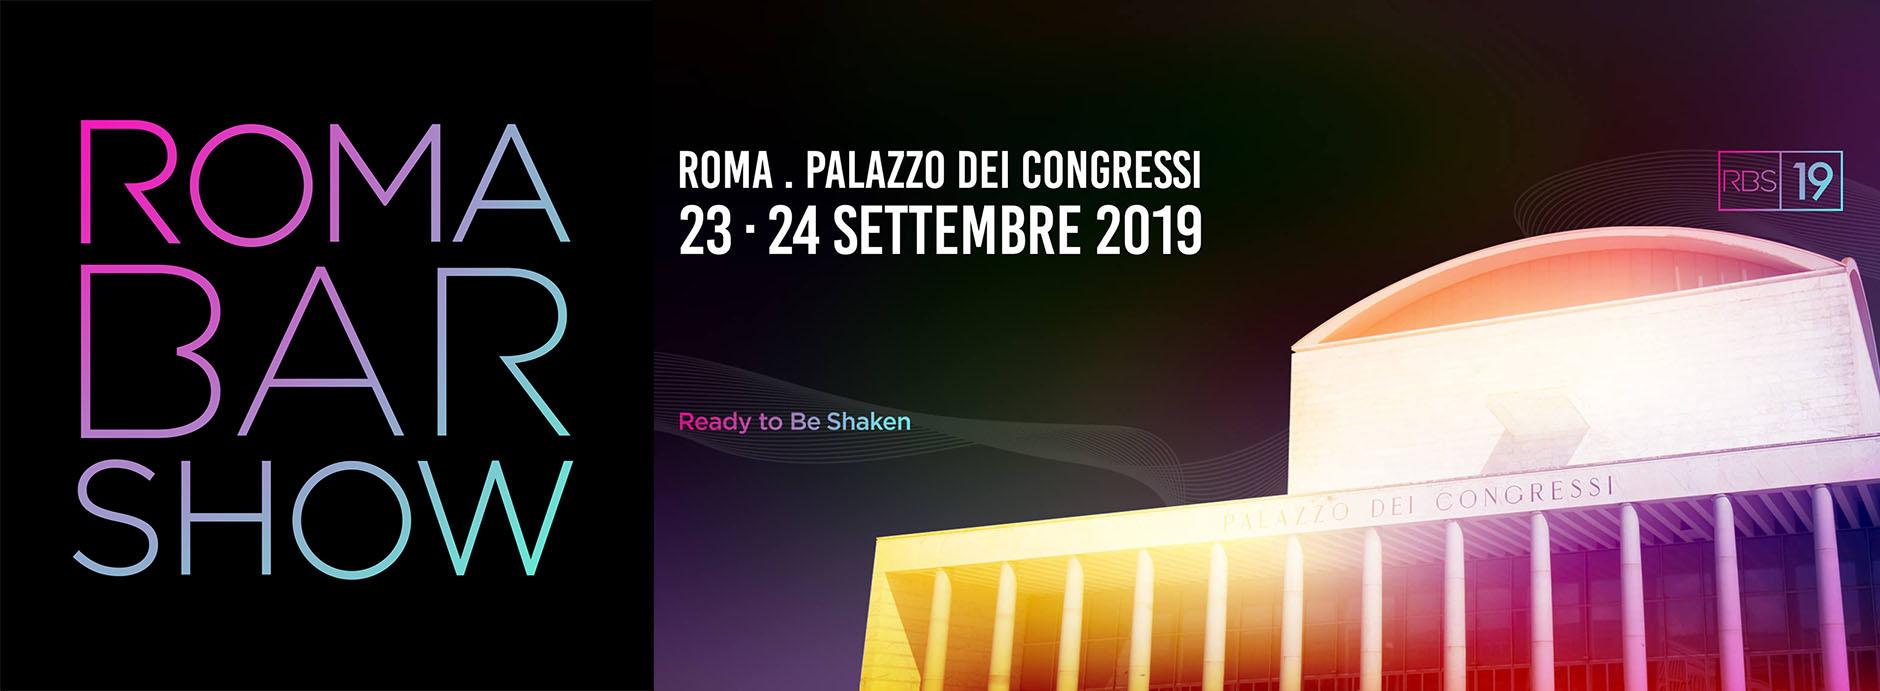 Roma Bar Show: 23/24 settembre